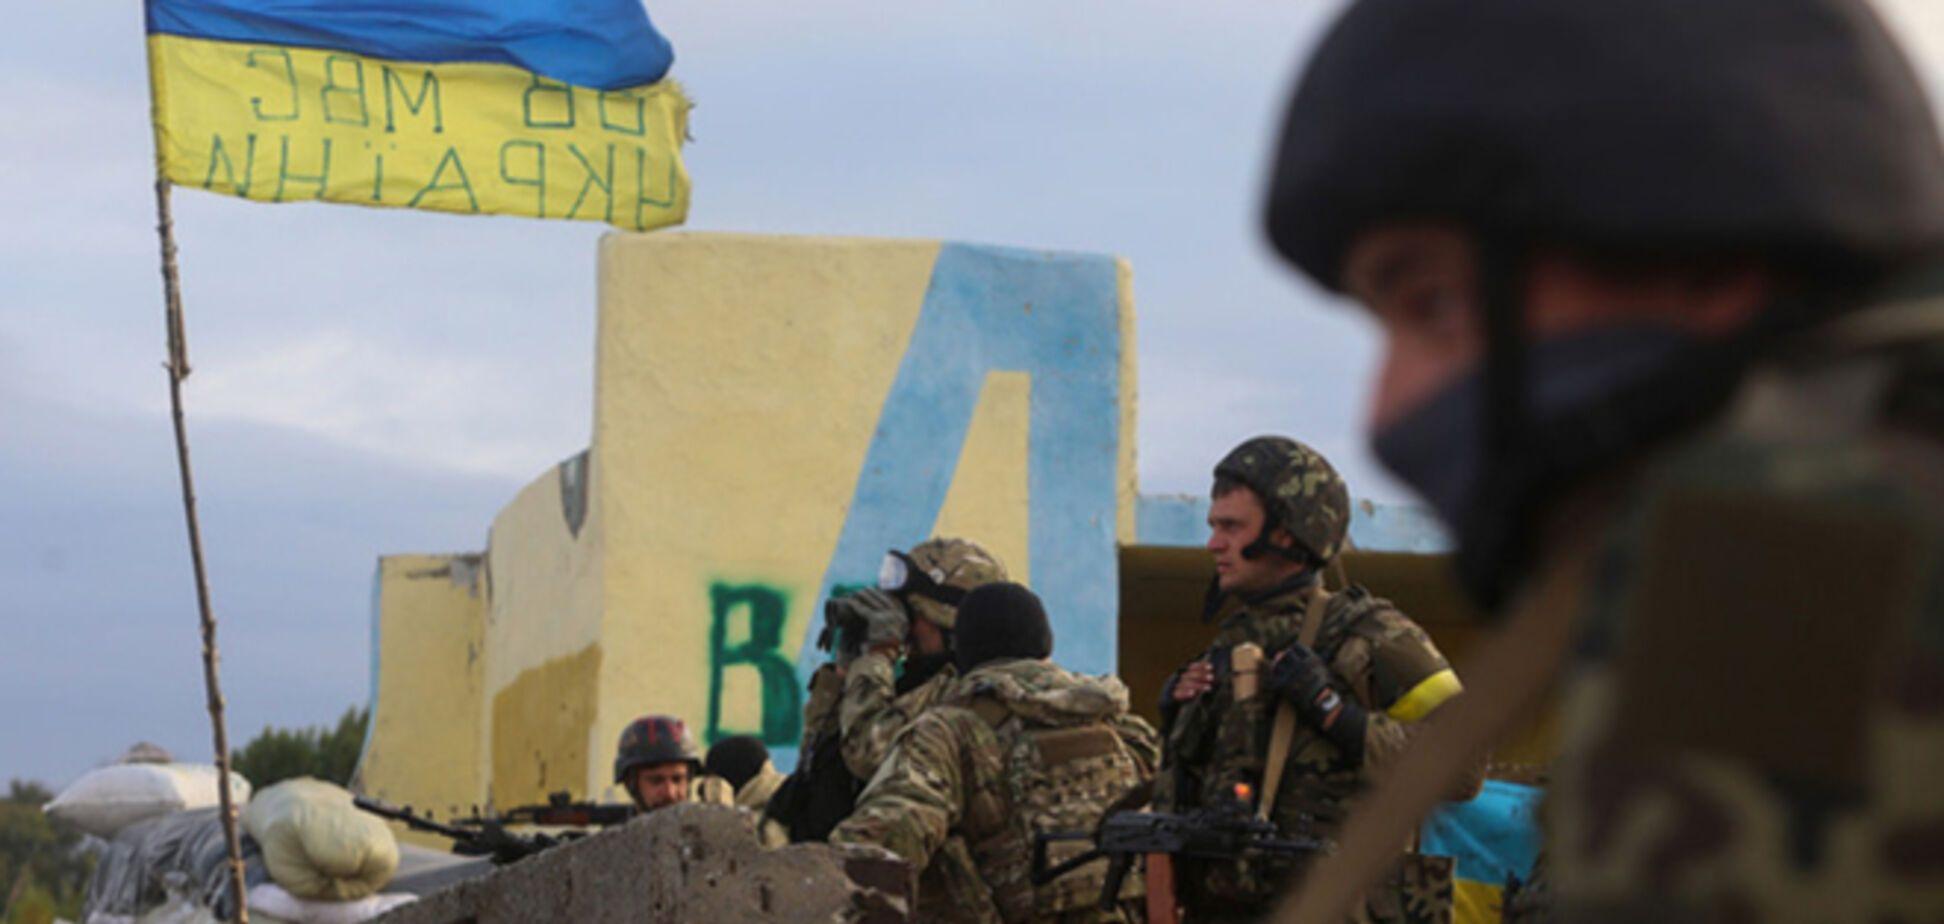 Украинские военные покинули 31-й блокпост на Луганщине, чтобы выжить – штаб АТО